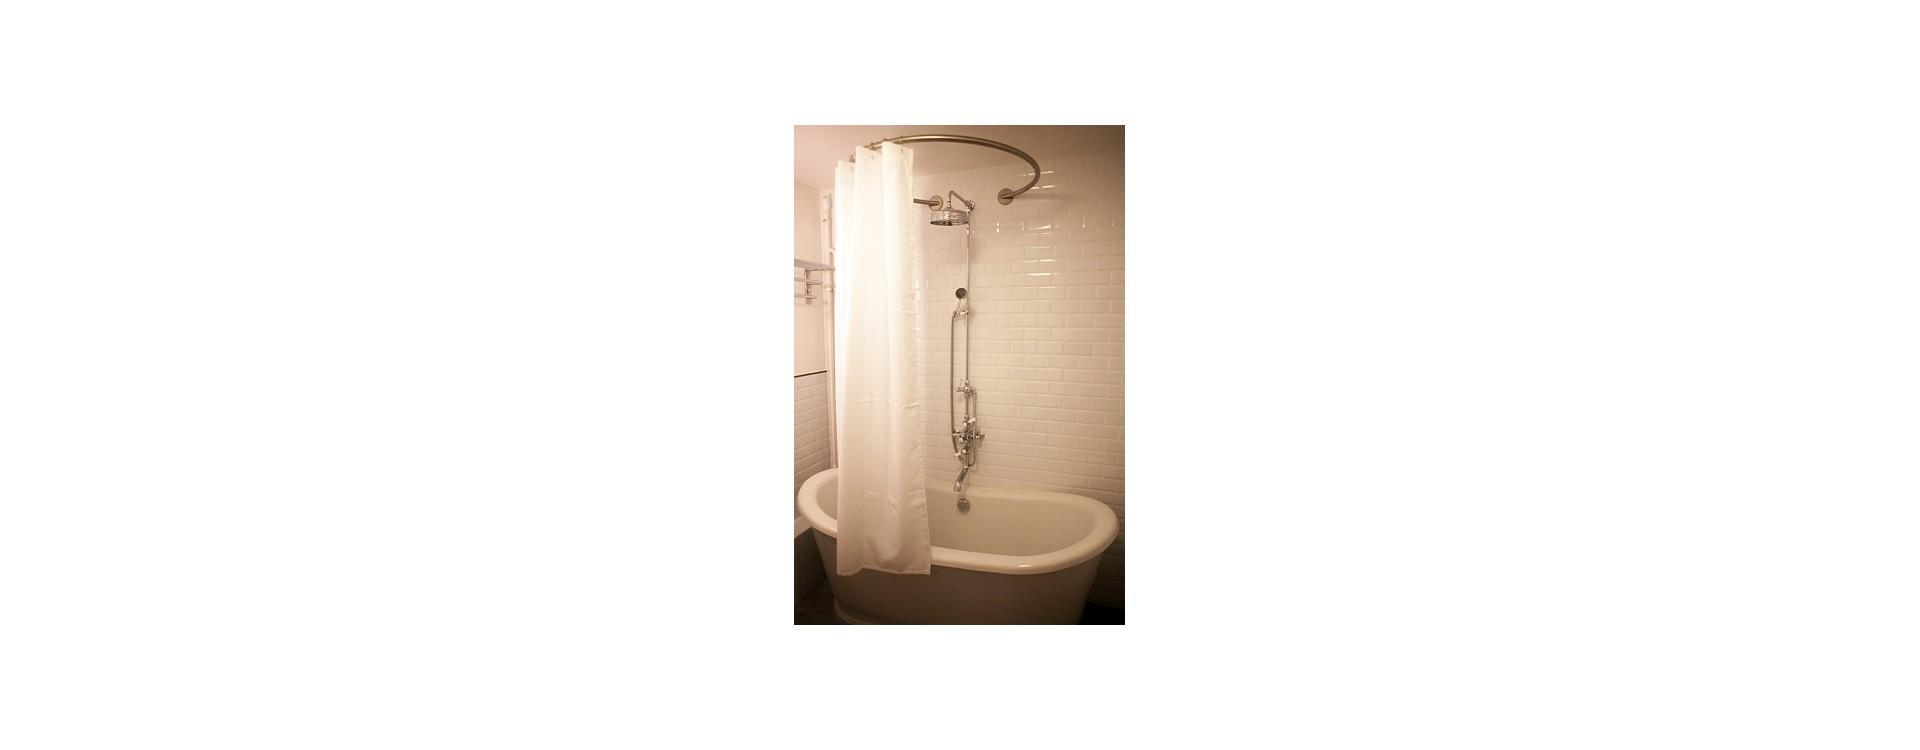 Baignoire sabot et barre de rideau de douche circulaire | GalboBain